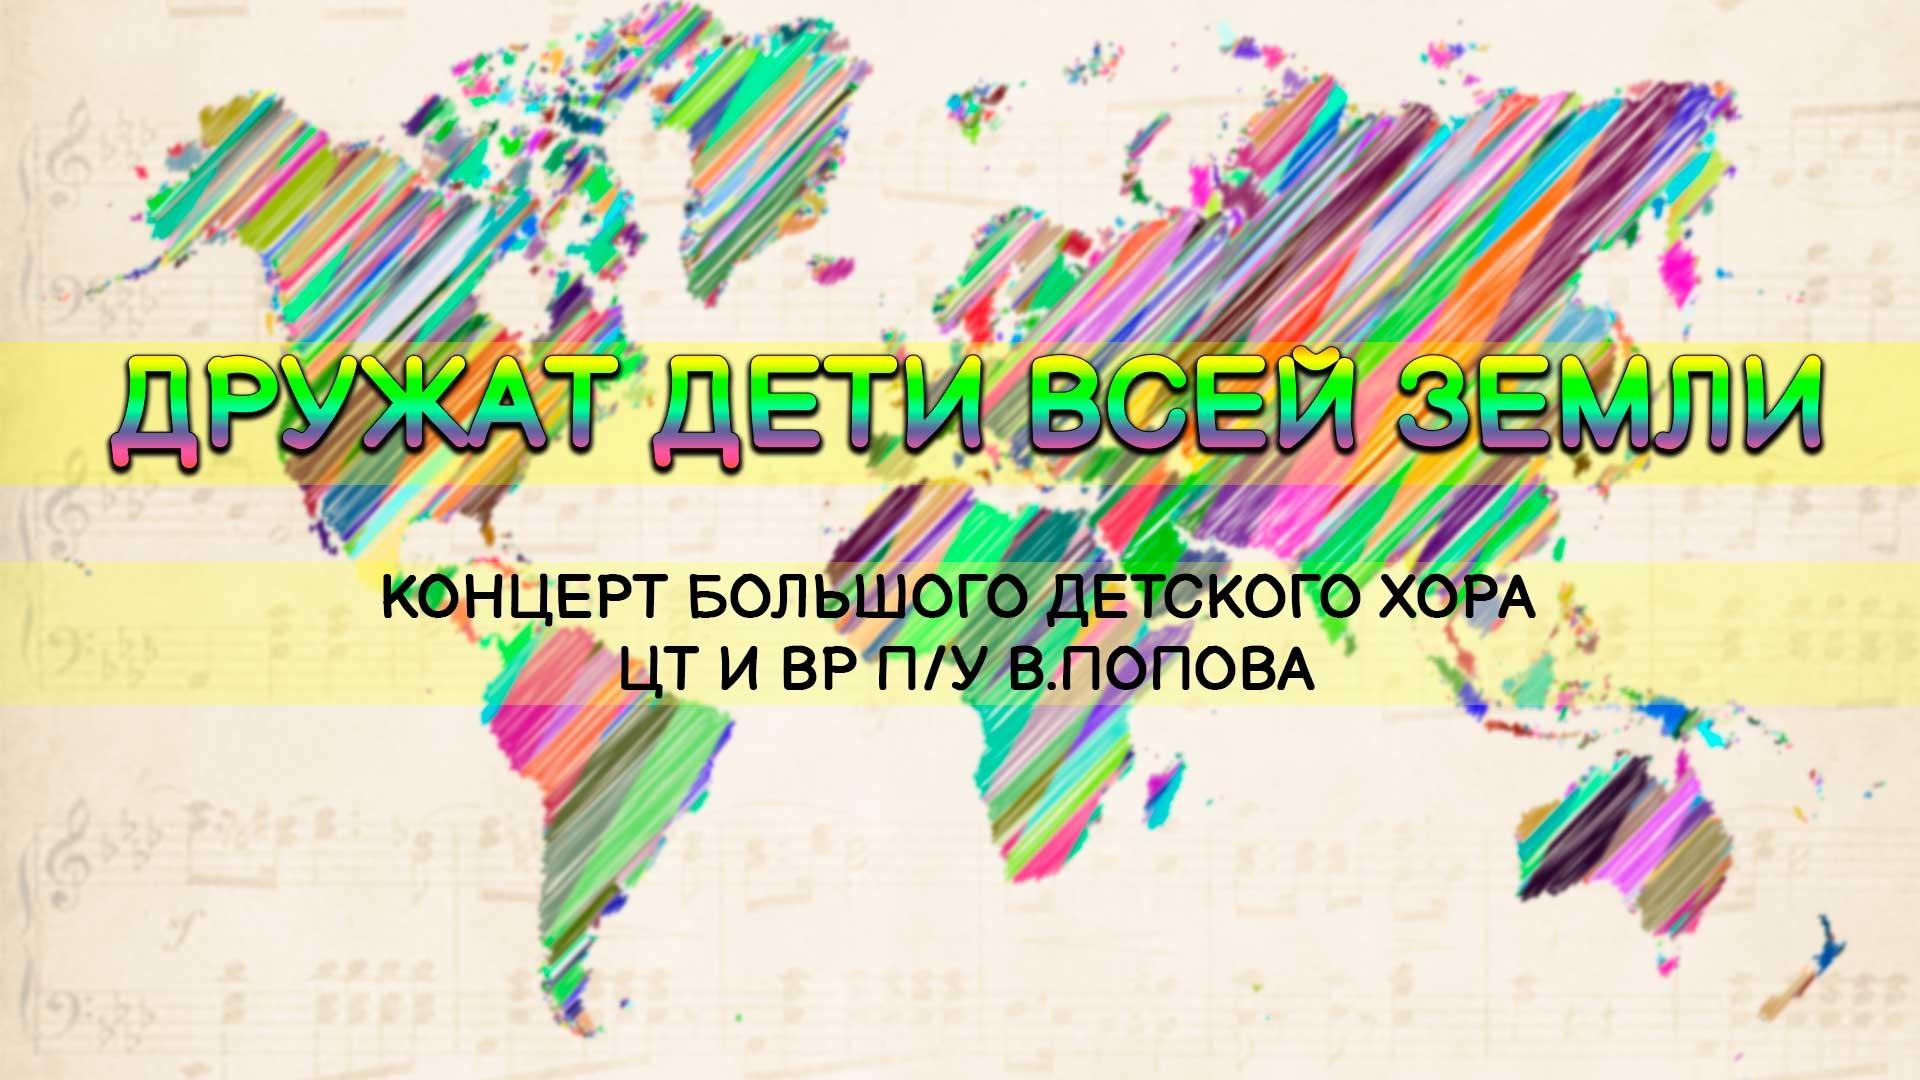 Дружат дети всей земли. Концерт Большого детского хора ЦТ и ВР п/у В.Попова